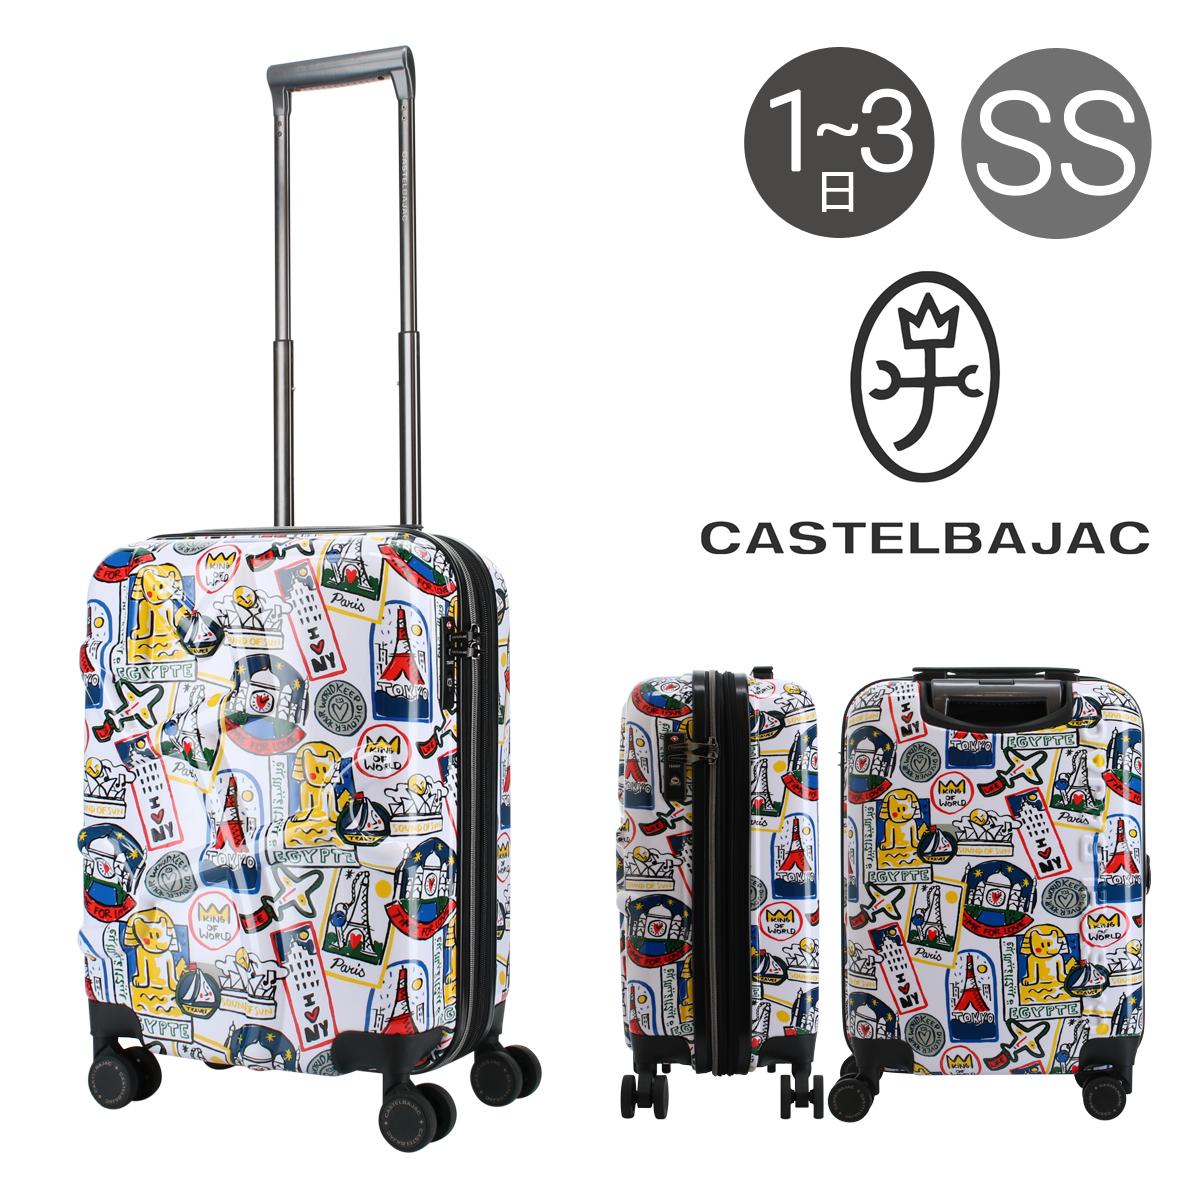 カステルバジャック スーツケース リフカ 35(40)L 47cm 3.2kg CAS-345162 CASTELBAJAC   ハード ファスナー 機内持ち込み   拡張 TSAロック搭載 キャリーバッグ キャリーケース 当社限定 別注[PO10][bef][即日発送]